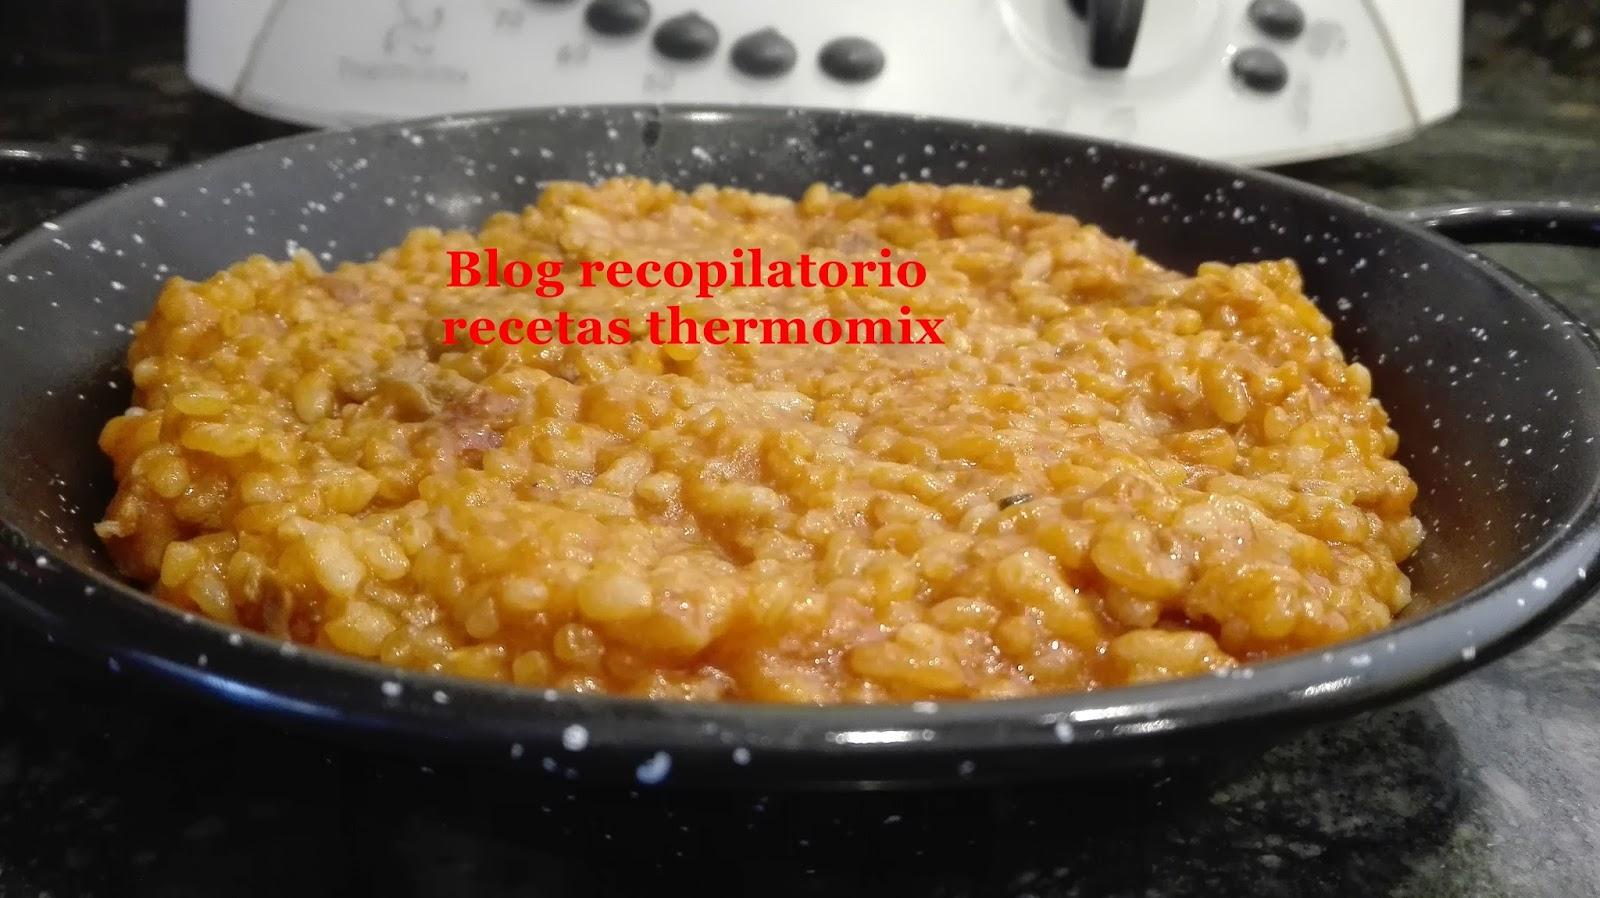 Recopilatorio de recetas thermomix risotto con ternera - Risotto tomate thermomix ...